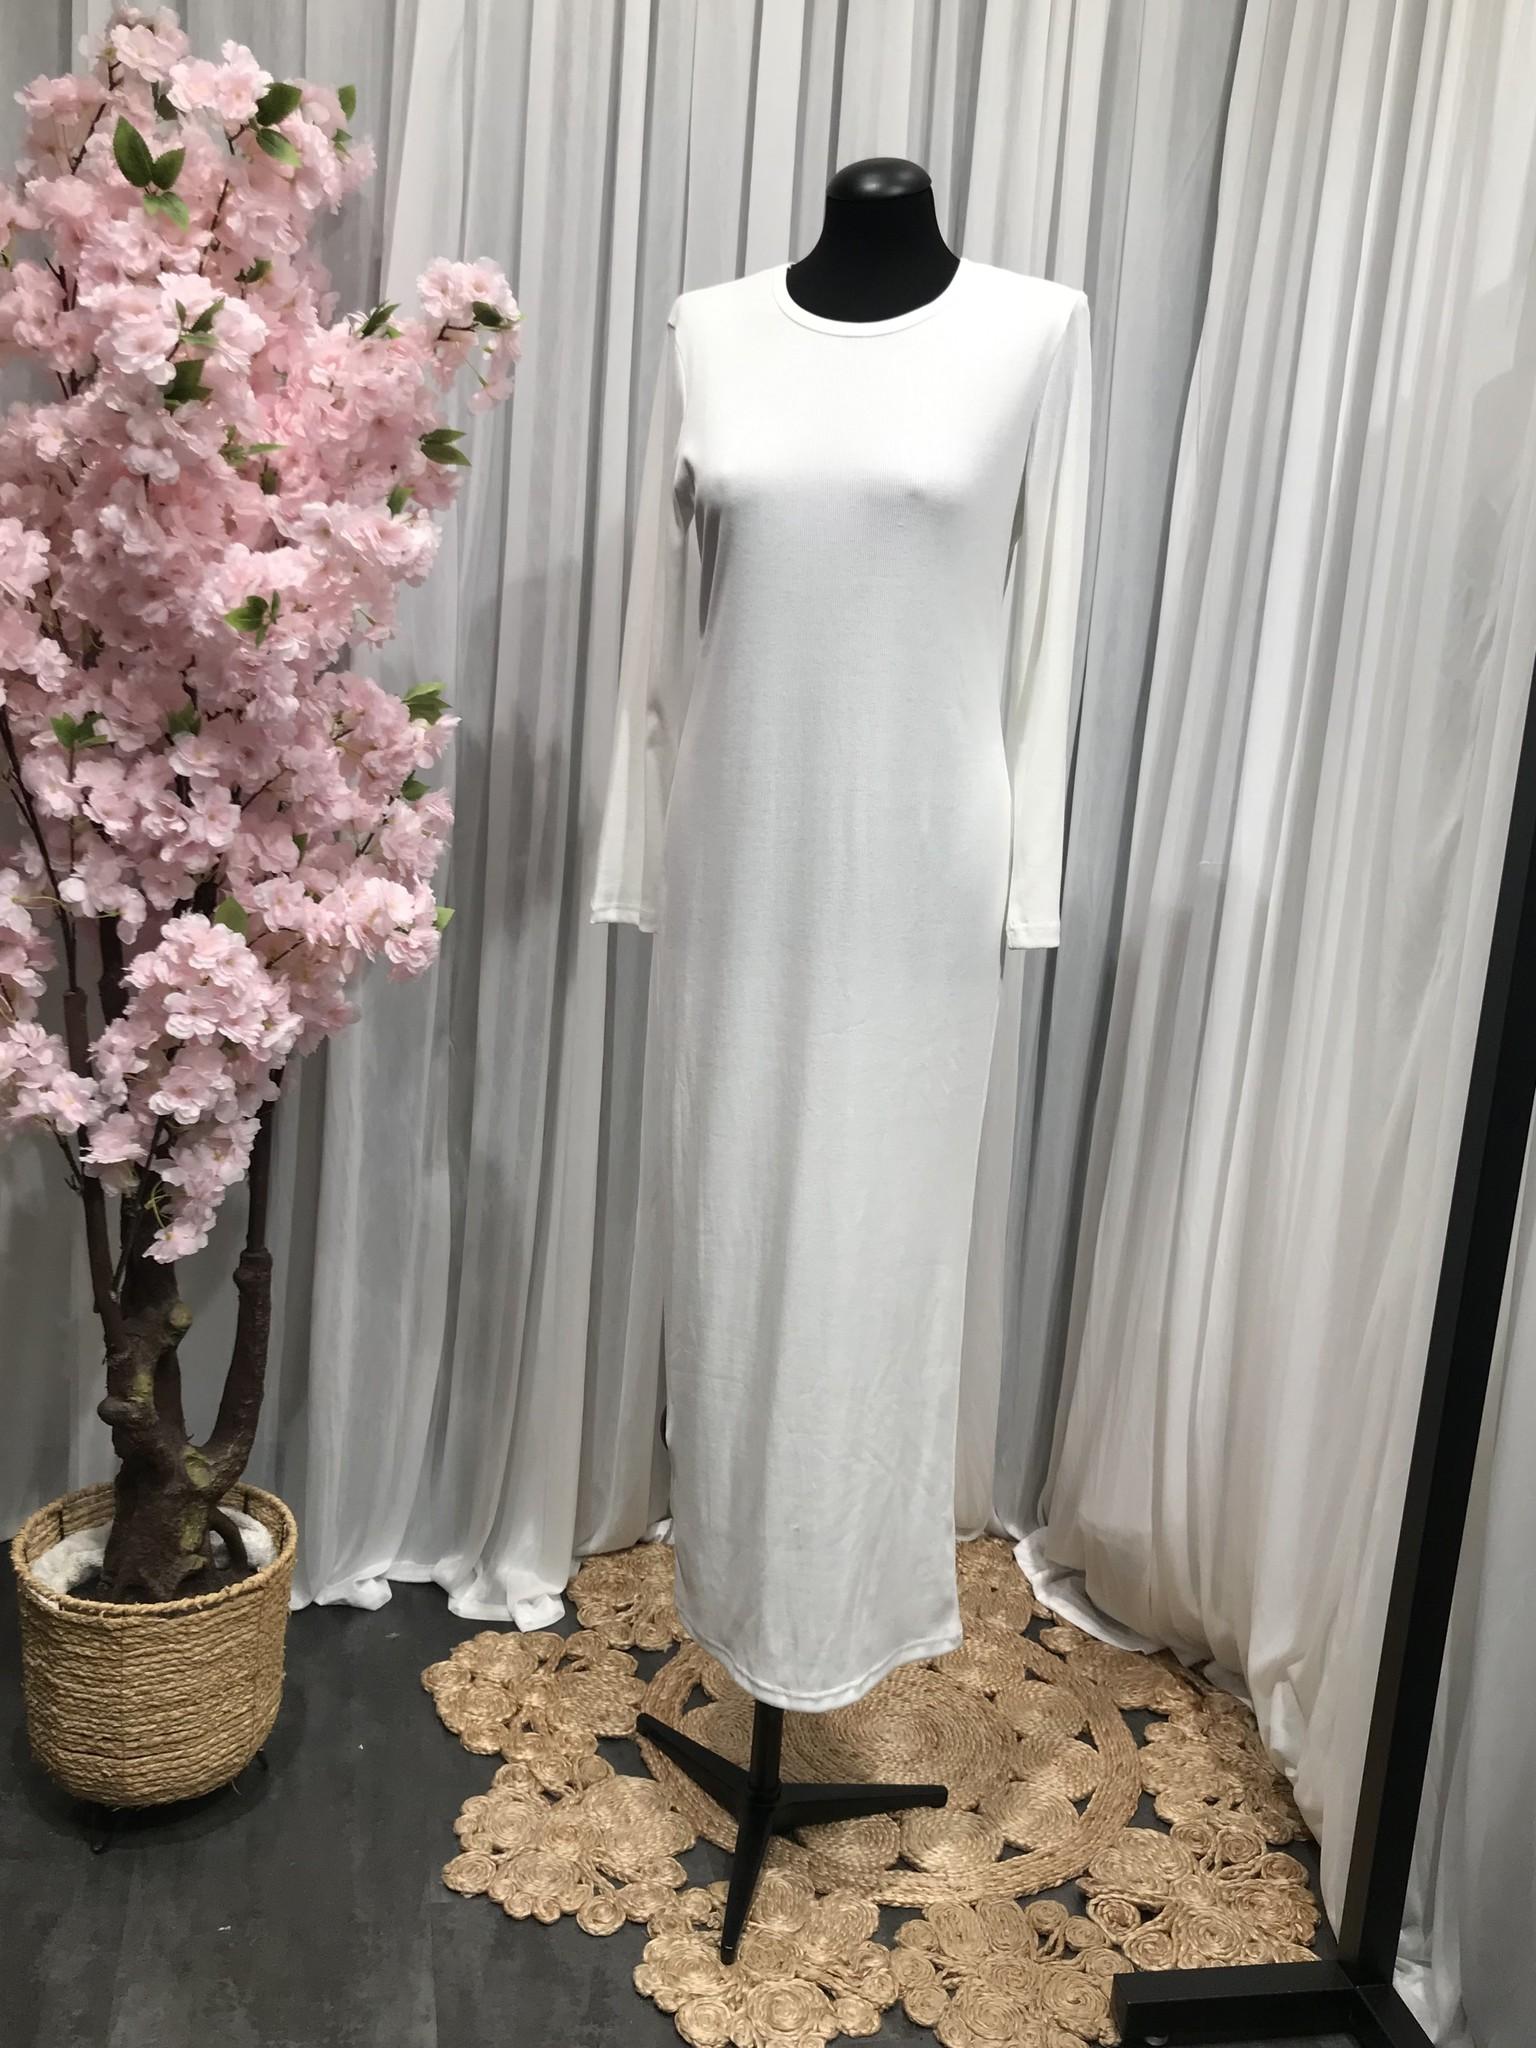 Jersey body jurk acciaroli II wit